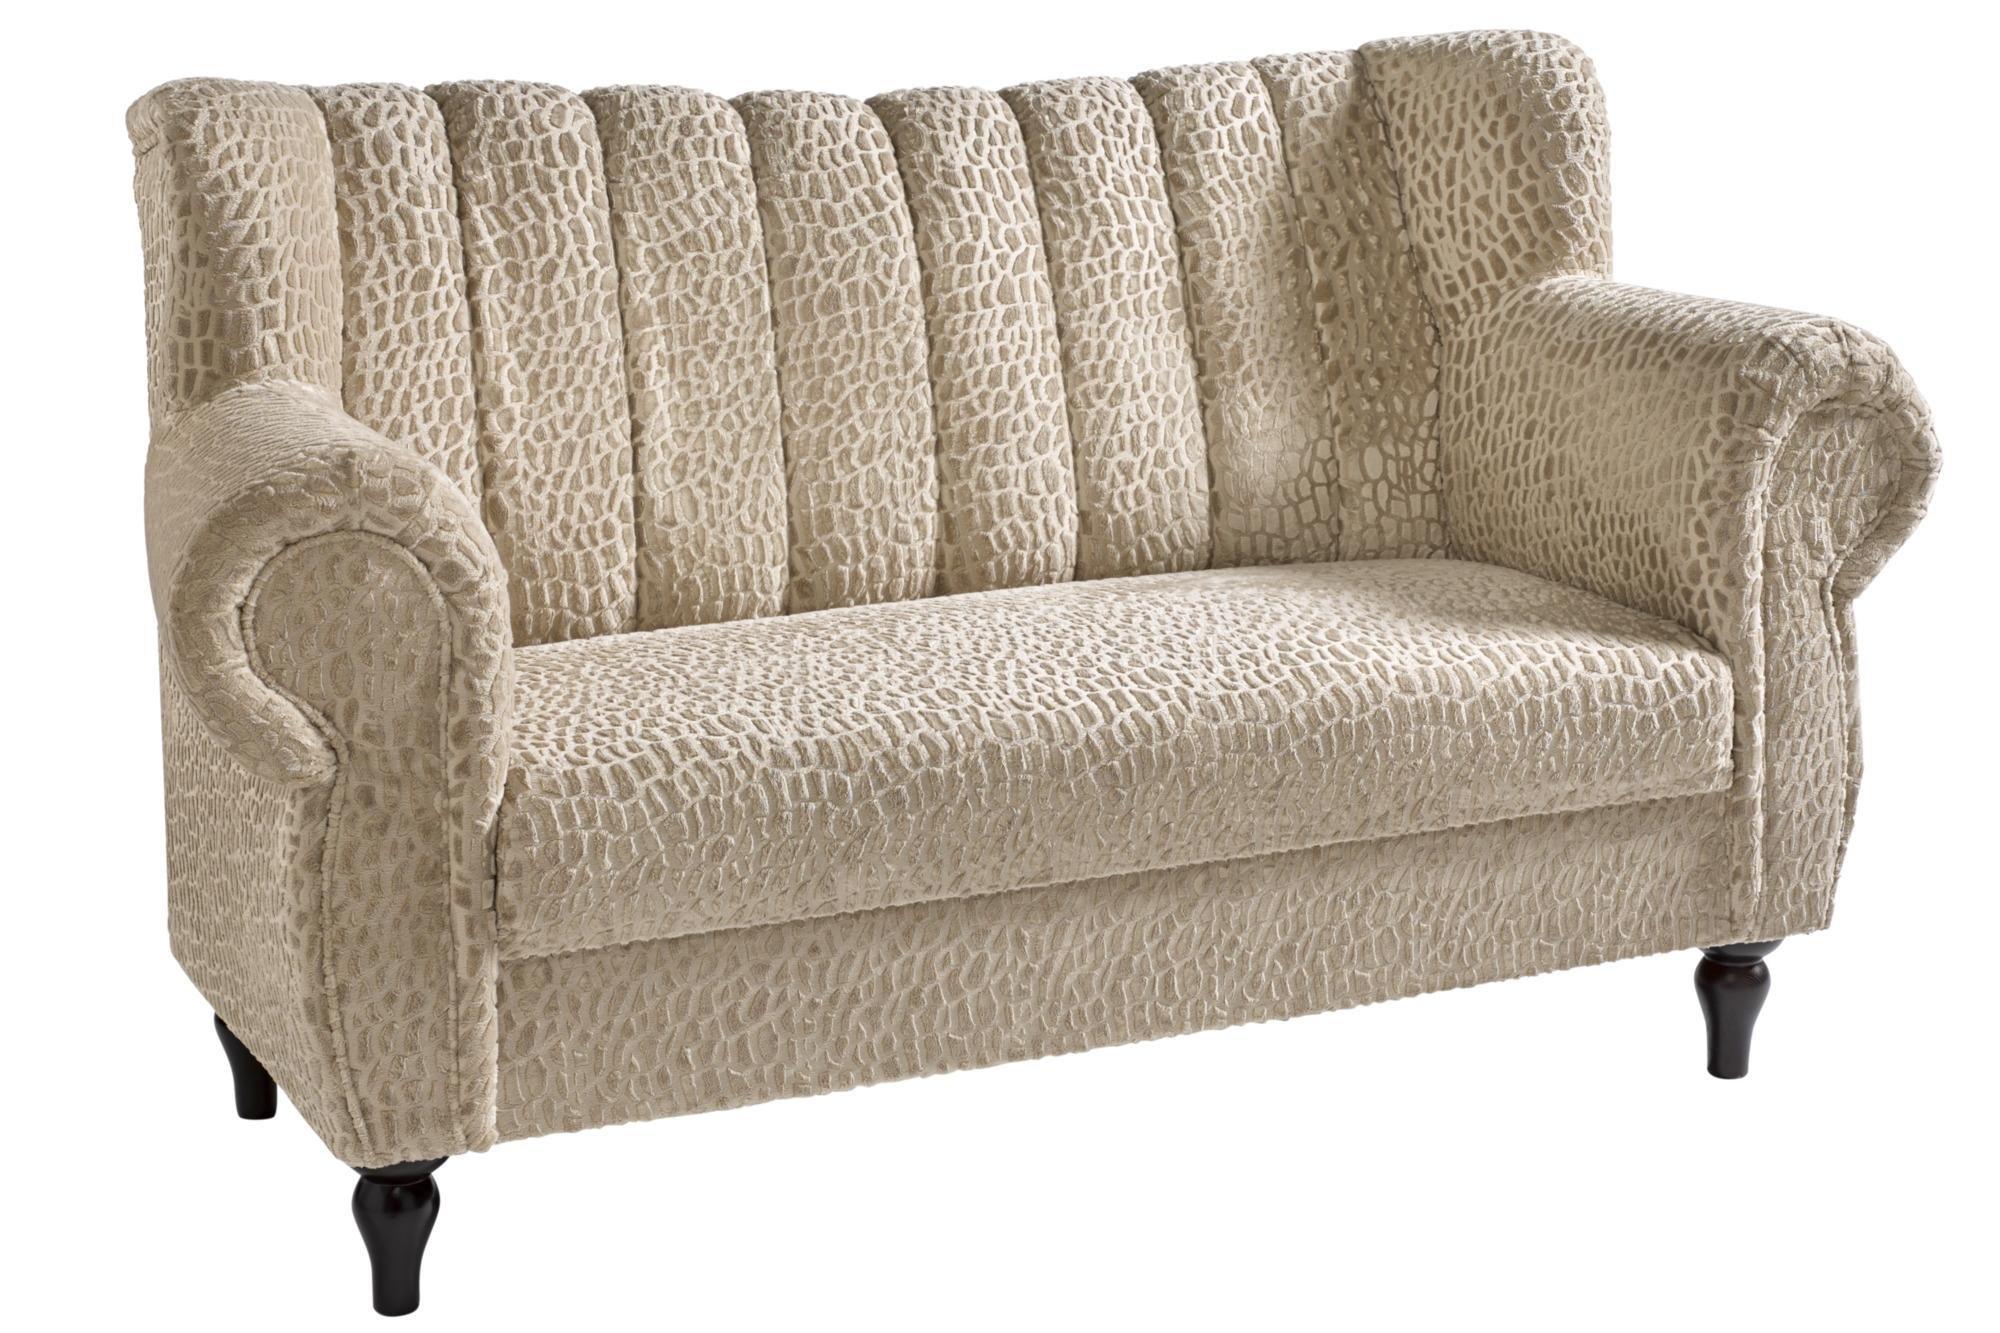 Full Size of Heine Home 3 Sitzer Sofa Bezug In Flauschiger Hoch Tiefstruktur U Form Xxl Patchwork Schlafsofa Liegefläche 180x200 Stoff Günstig Leder Mit Schlaffunktion Sofa Sofa Bezug